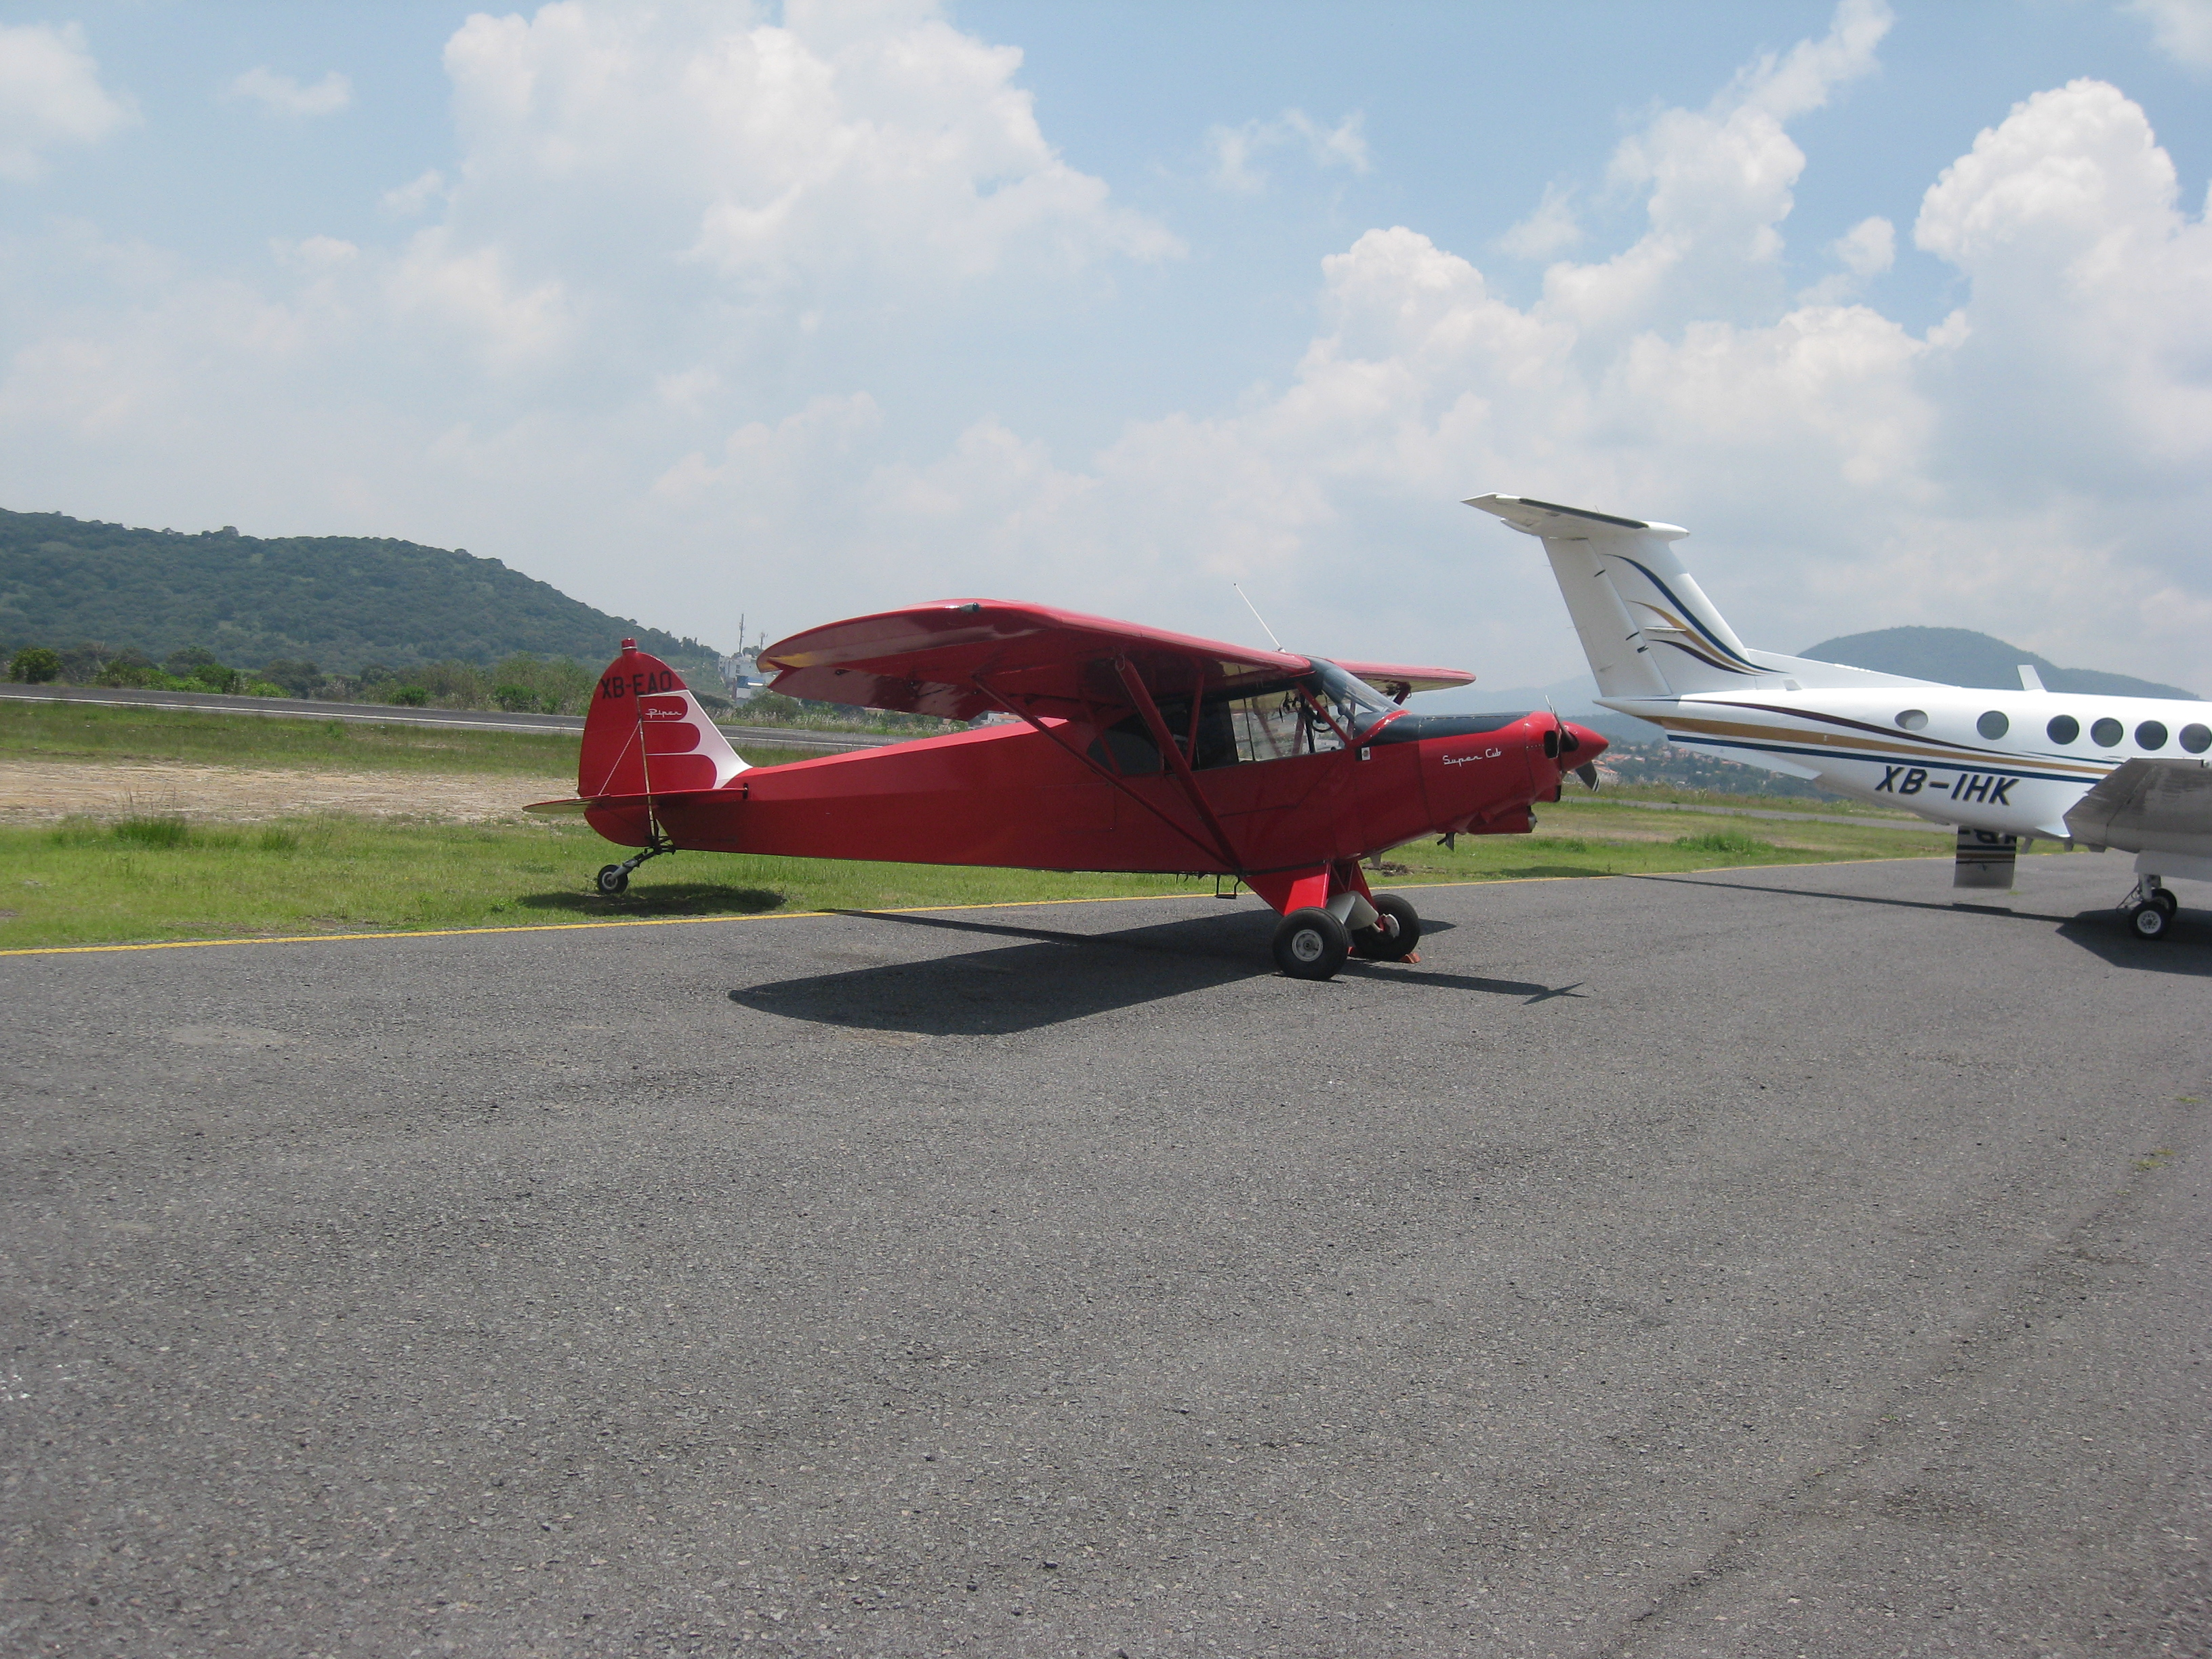 Avion de publicidad